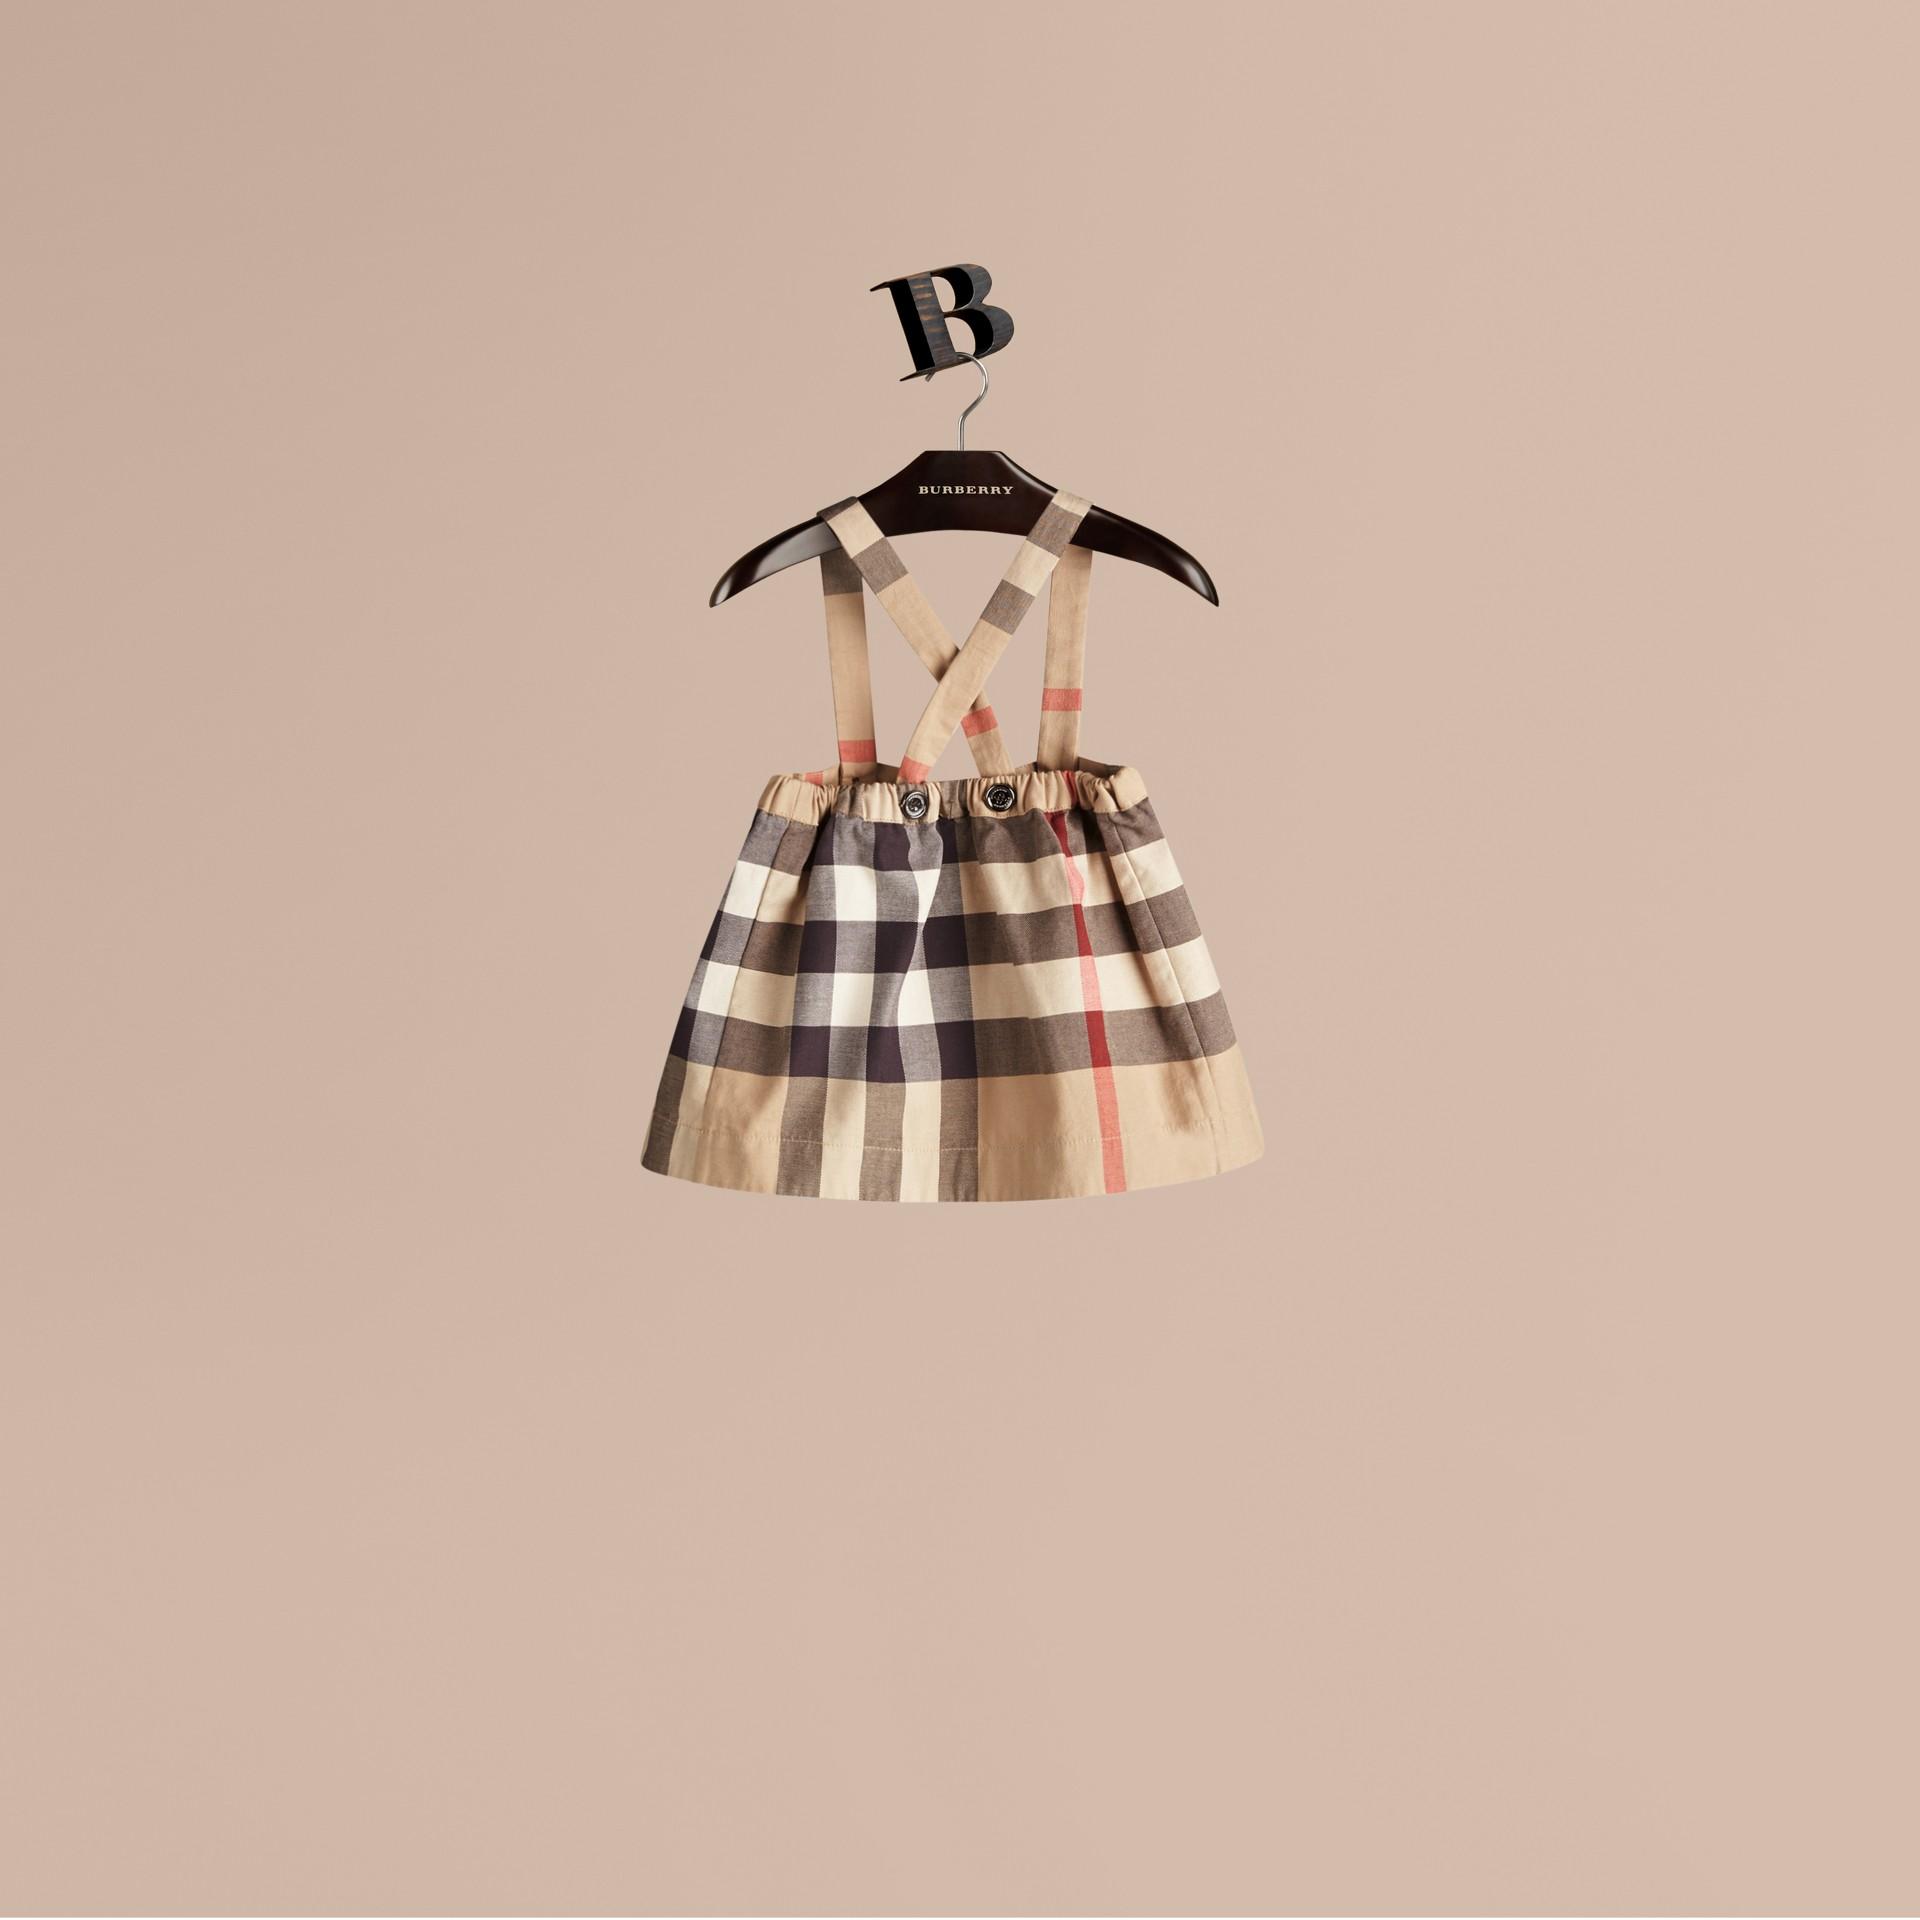 Nouveau check classique Jupe en coton check à bretelles amovibles - photo de la galerie 3